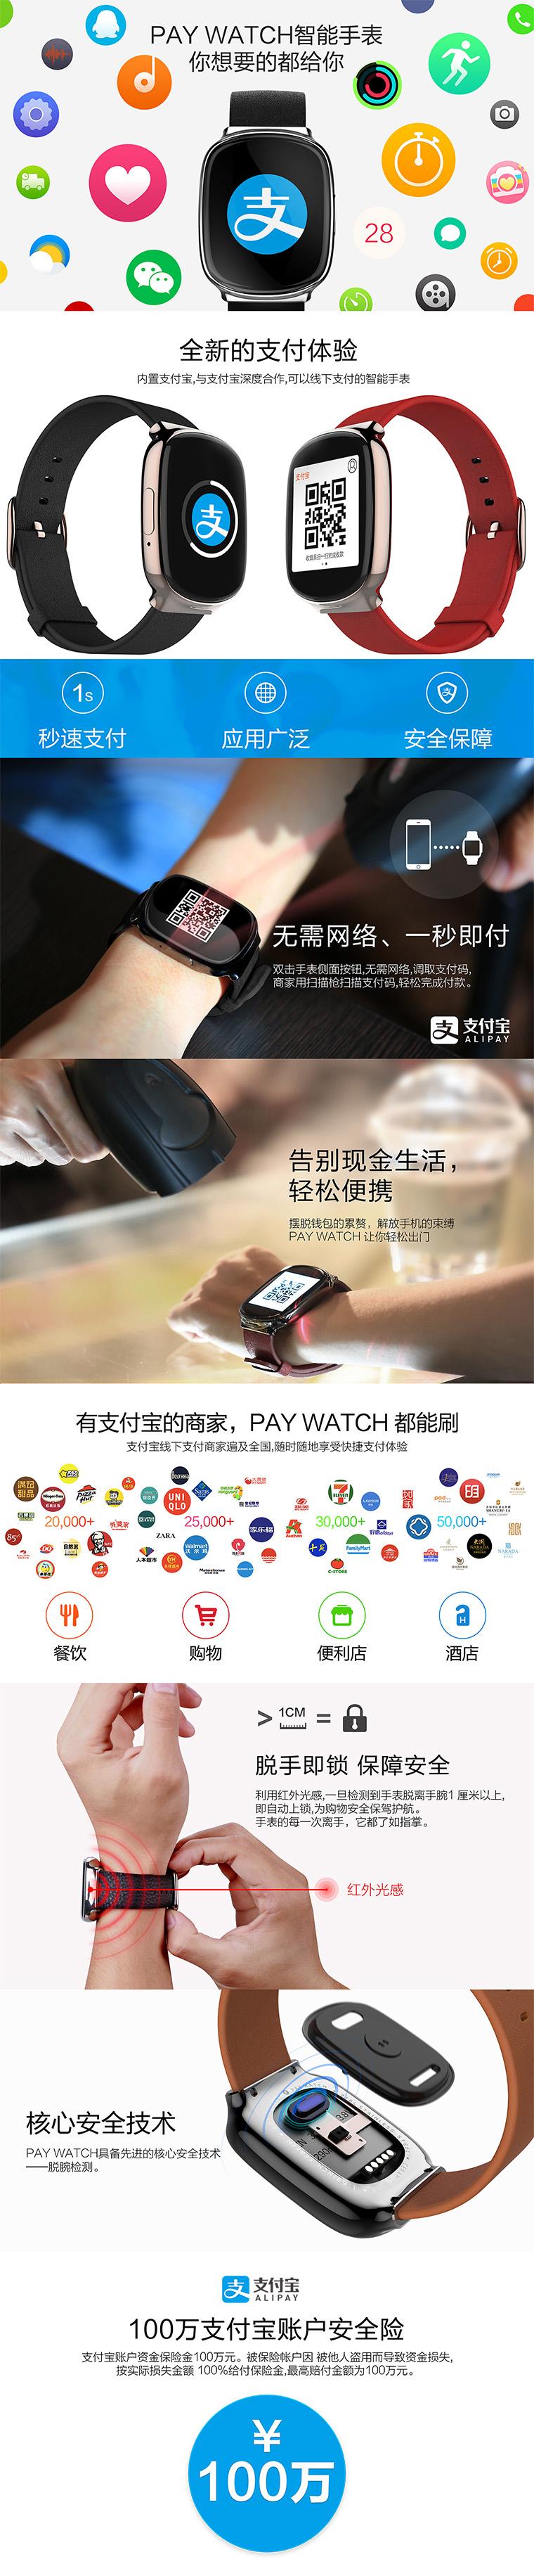 PAY WATCH可支付智能手表发起众筹 无需网络1秒付款的照片 - 2